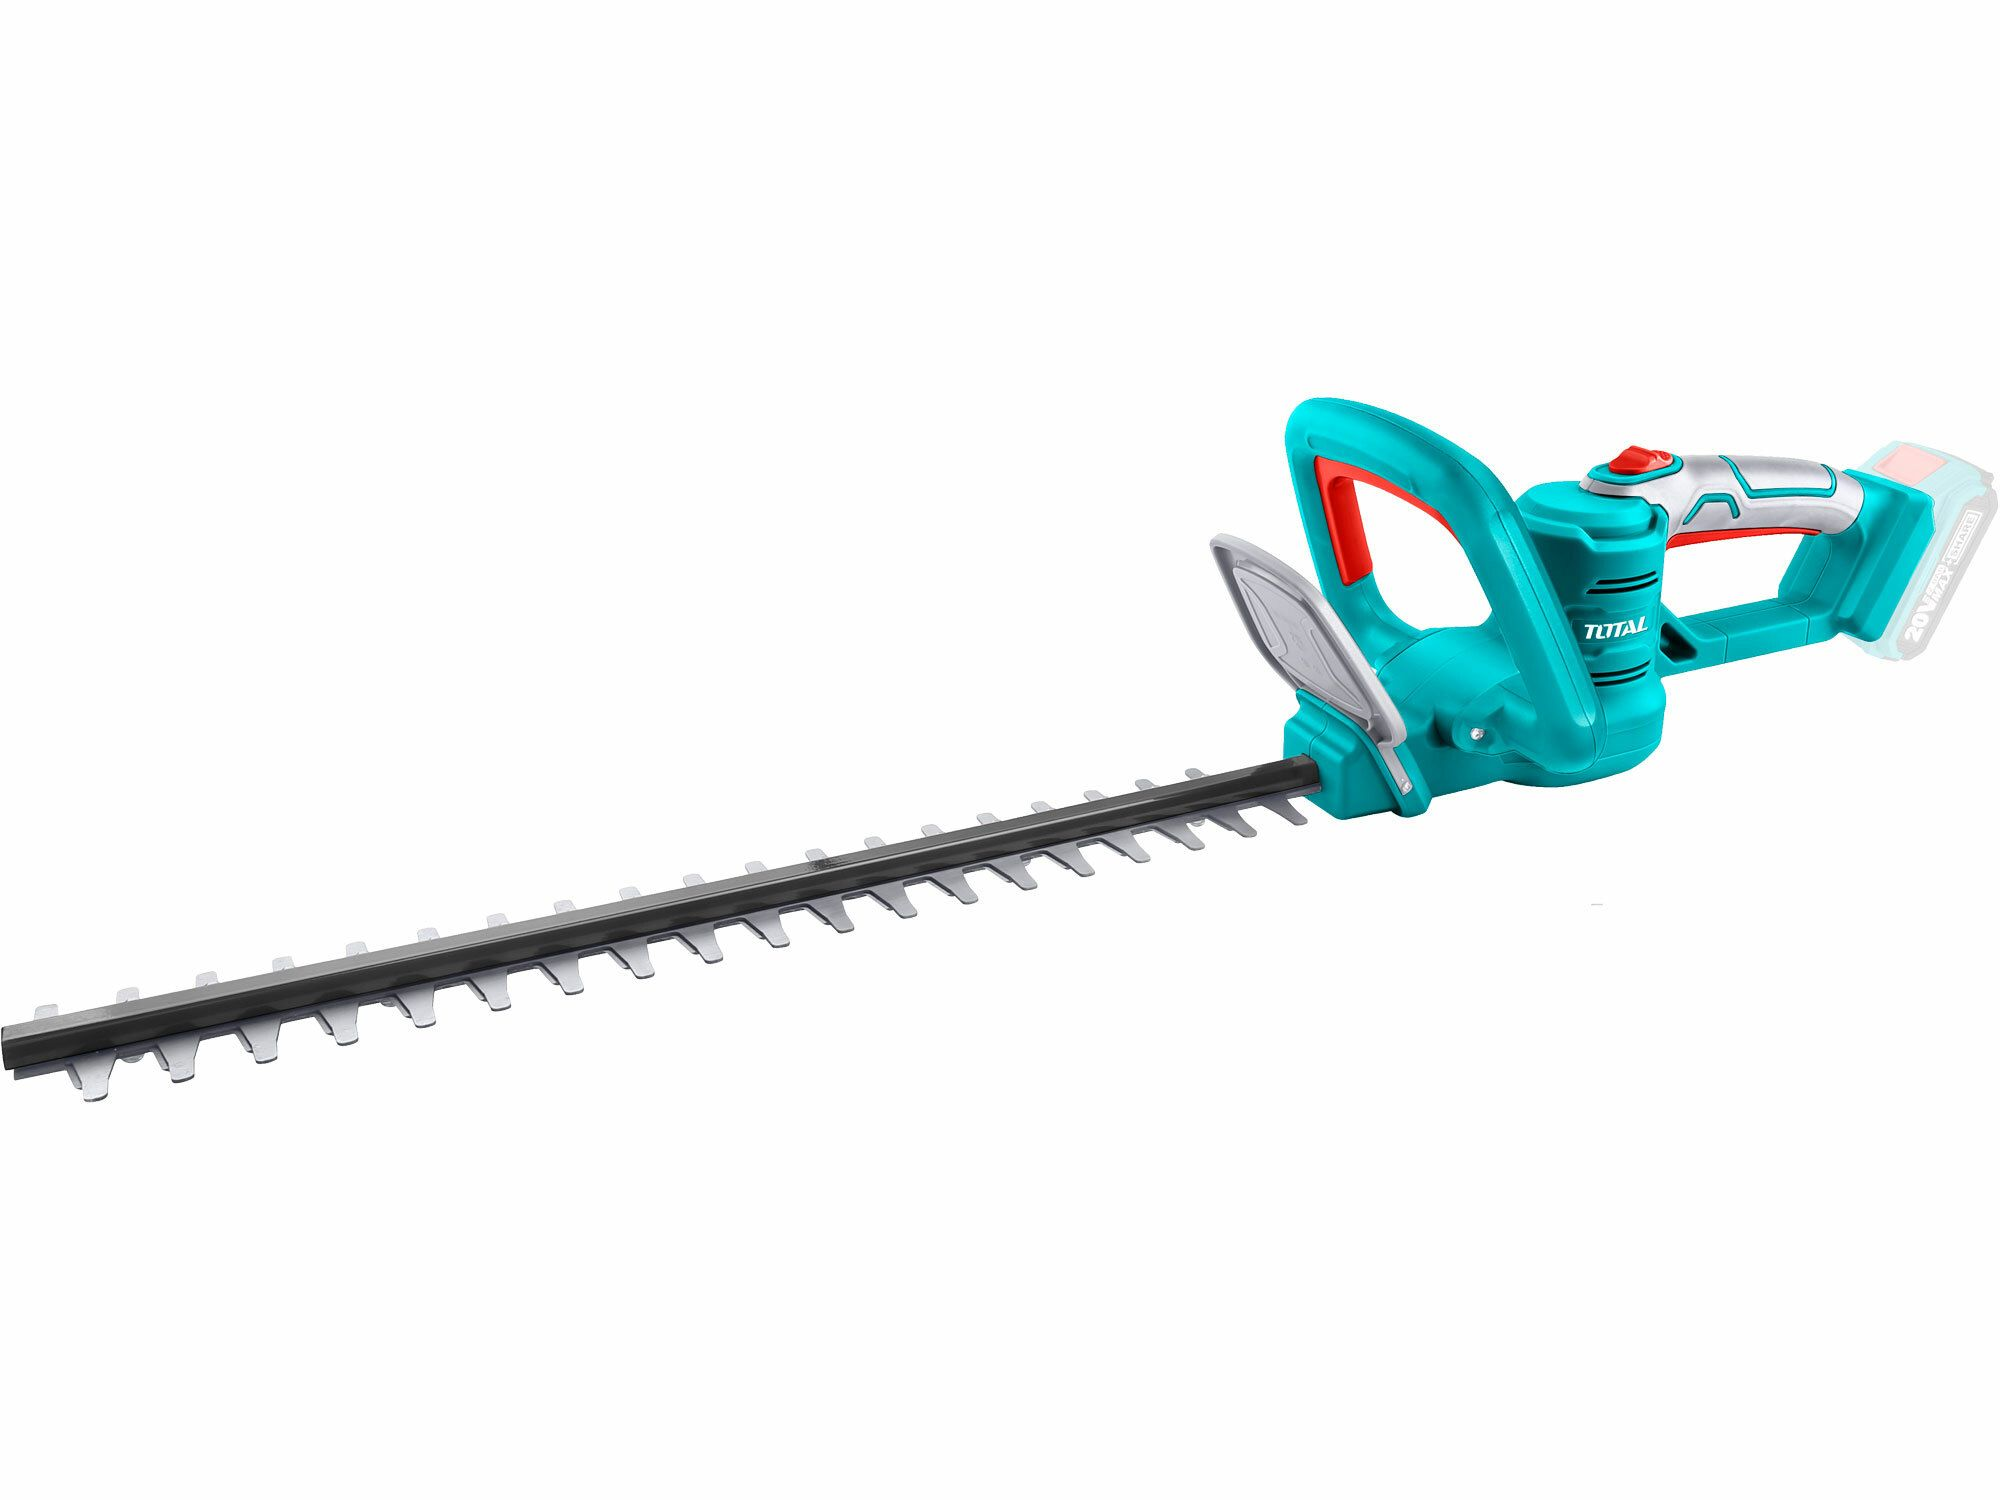 Nůžky na živé ploty AKU, 20V Li-ion, 2000mAh, industrial - bez baterie a nabíječky TOTAL